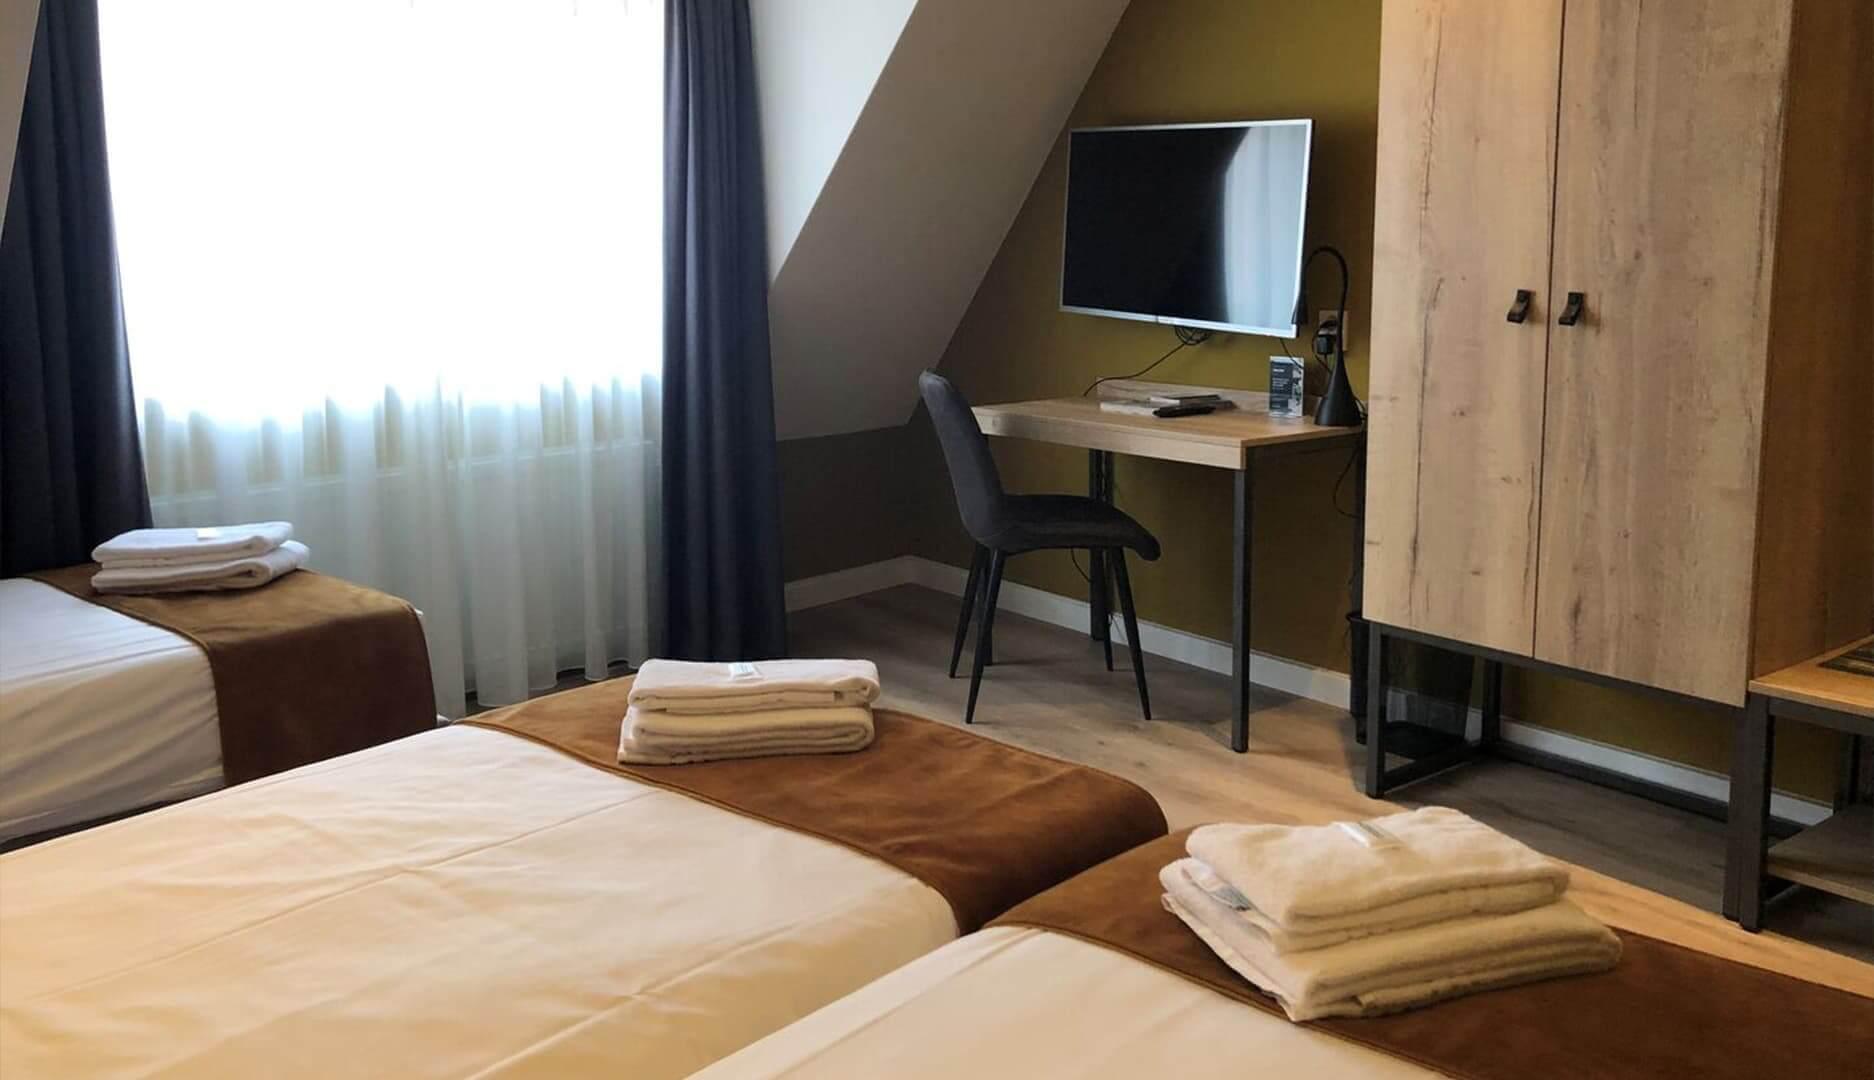 Comfort driepersoonskamer (single beds)2